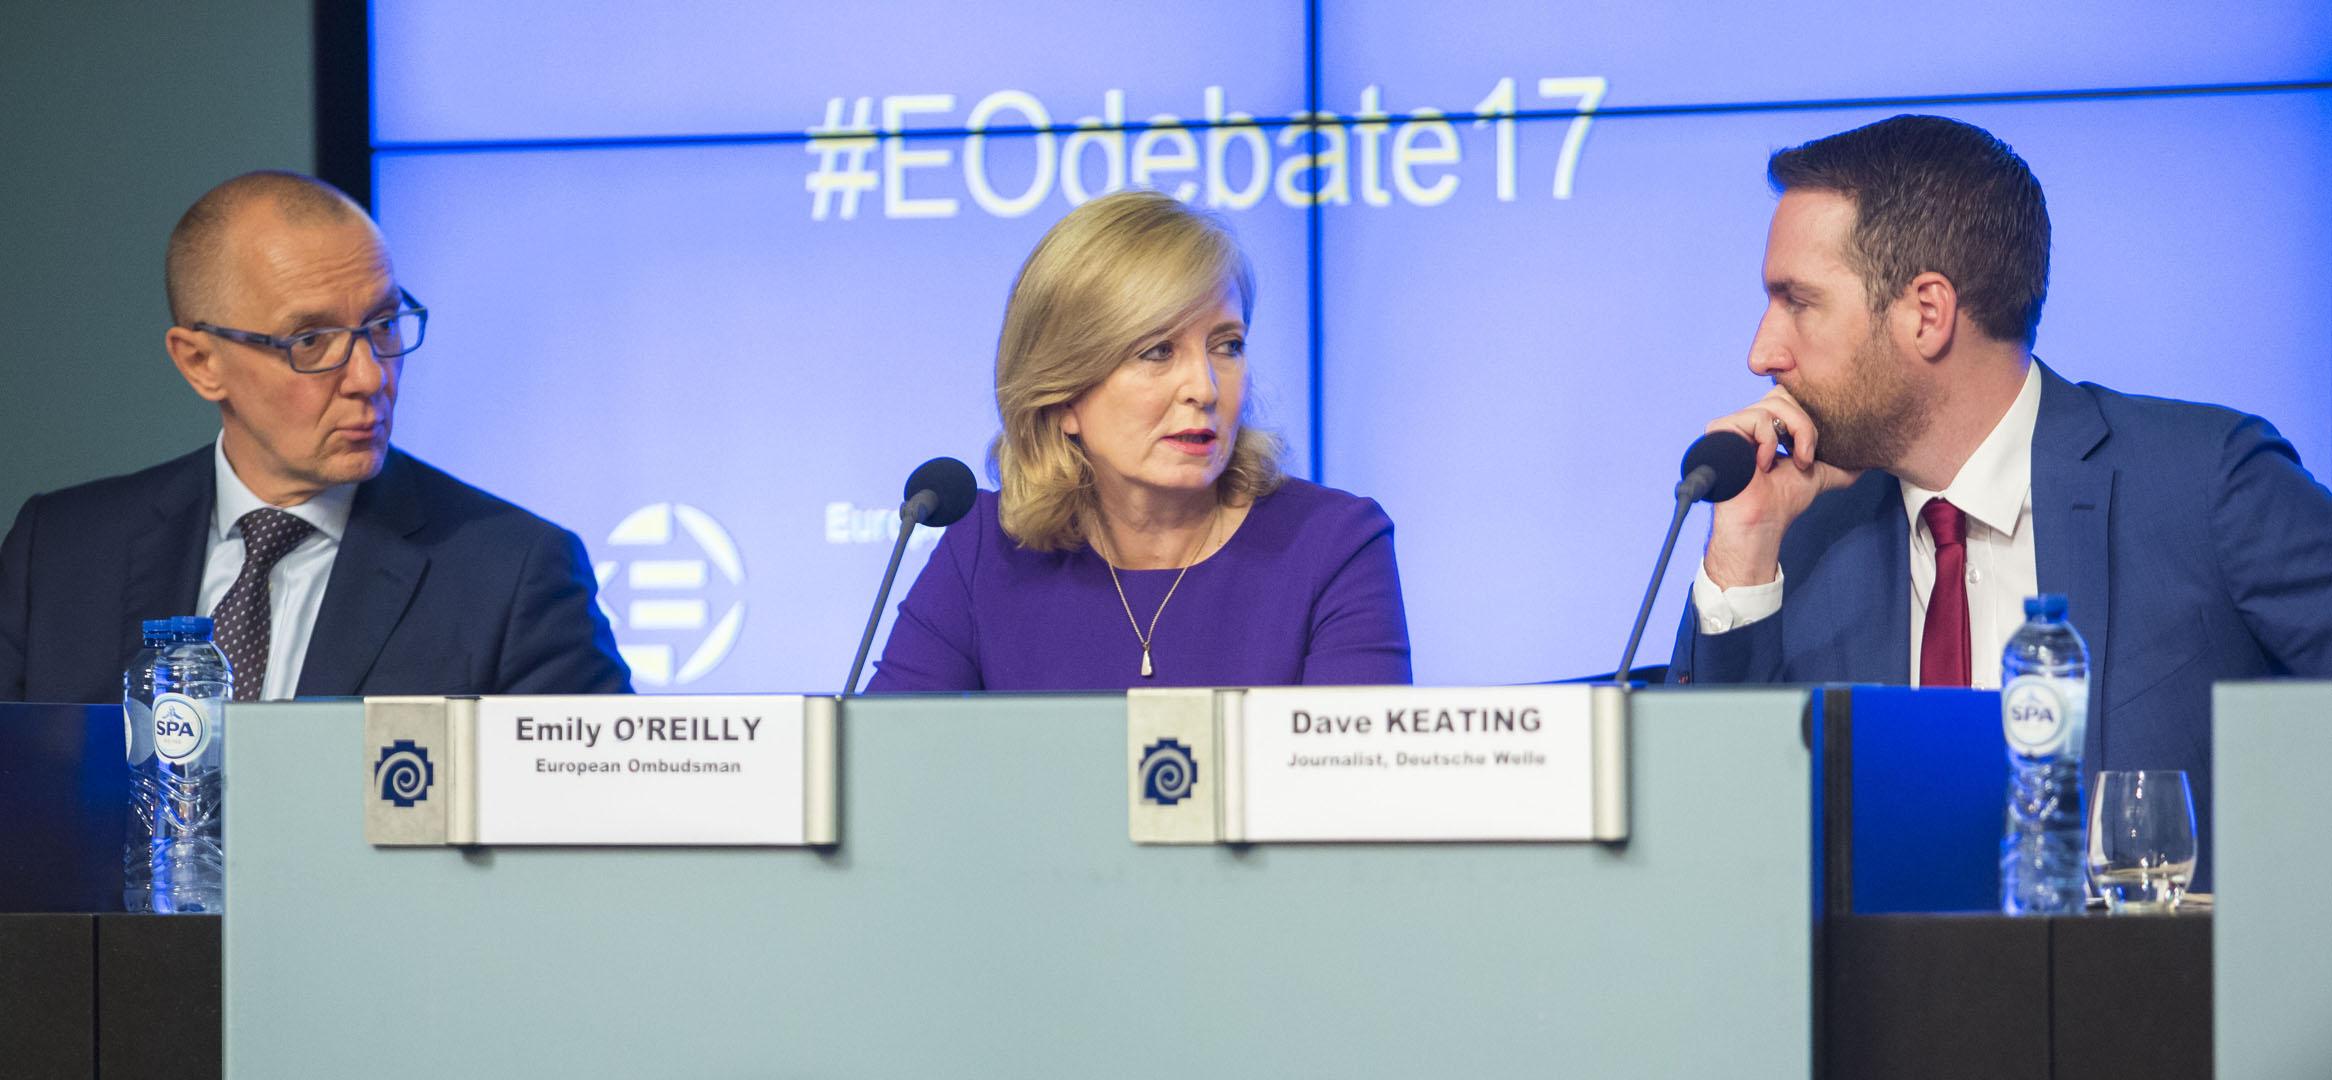 """Europska ombudsmanica Emily O'Reilly, sa sudionikom događaja Bernhardom Urlom, izvršnim direktorom EFSA-e, i moderatorom Daveom Keatingom, na javnom događaju Europskog ombudsmana pod nazivom """"Agencije EU-a: Kako upravljati rizikom od narušavanja ugleda"""" u listopadu."""